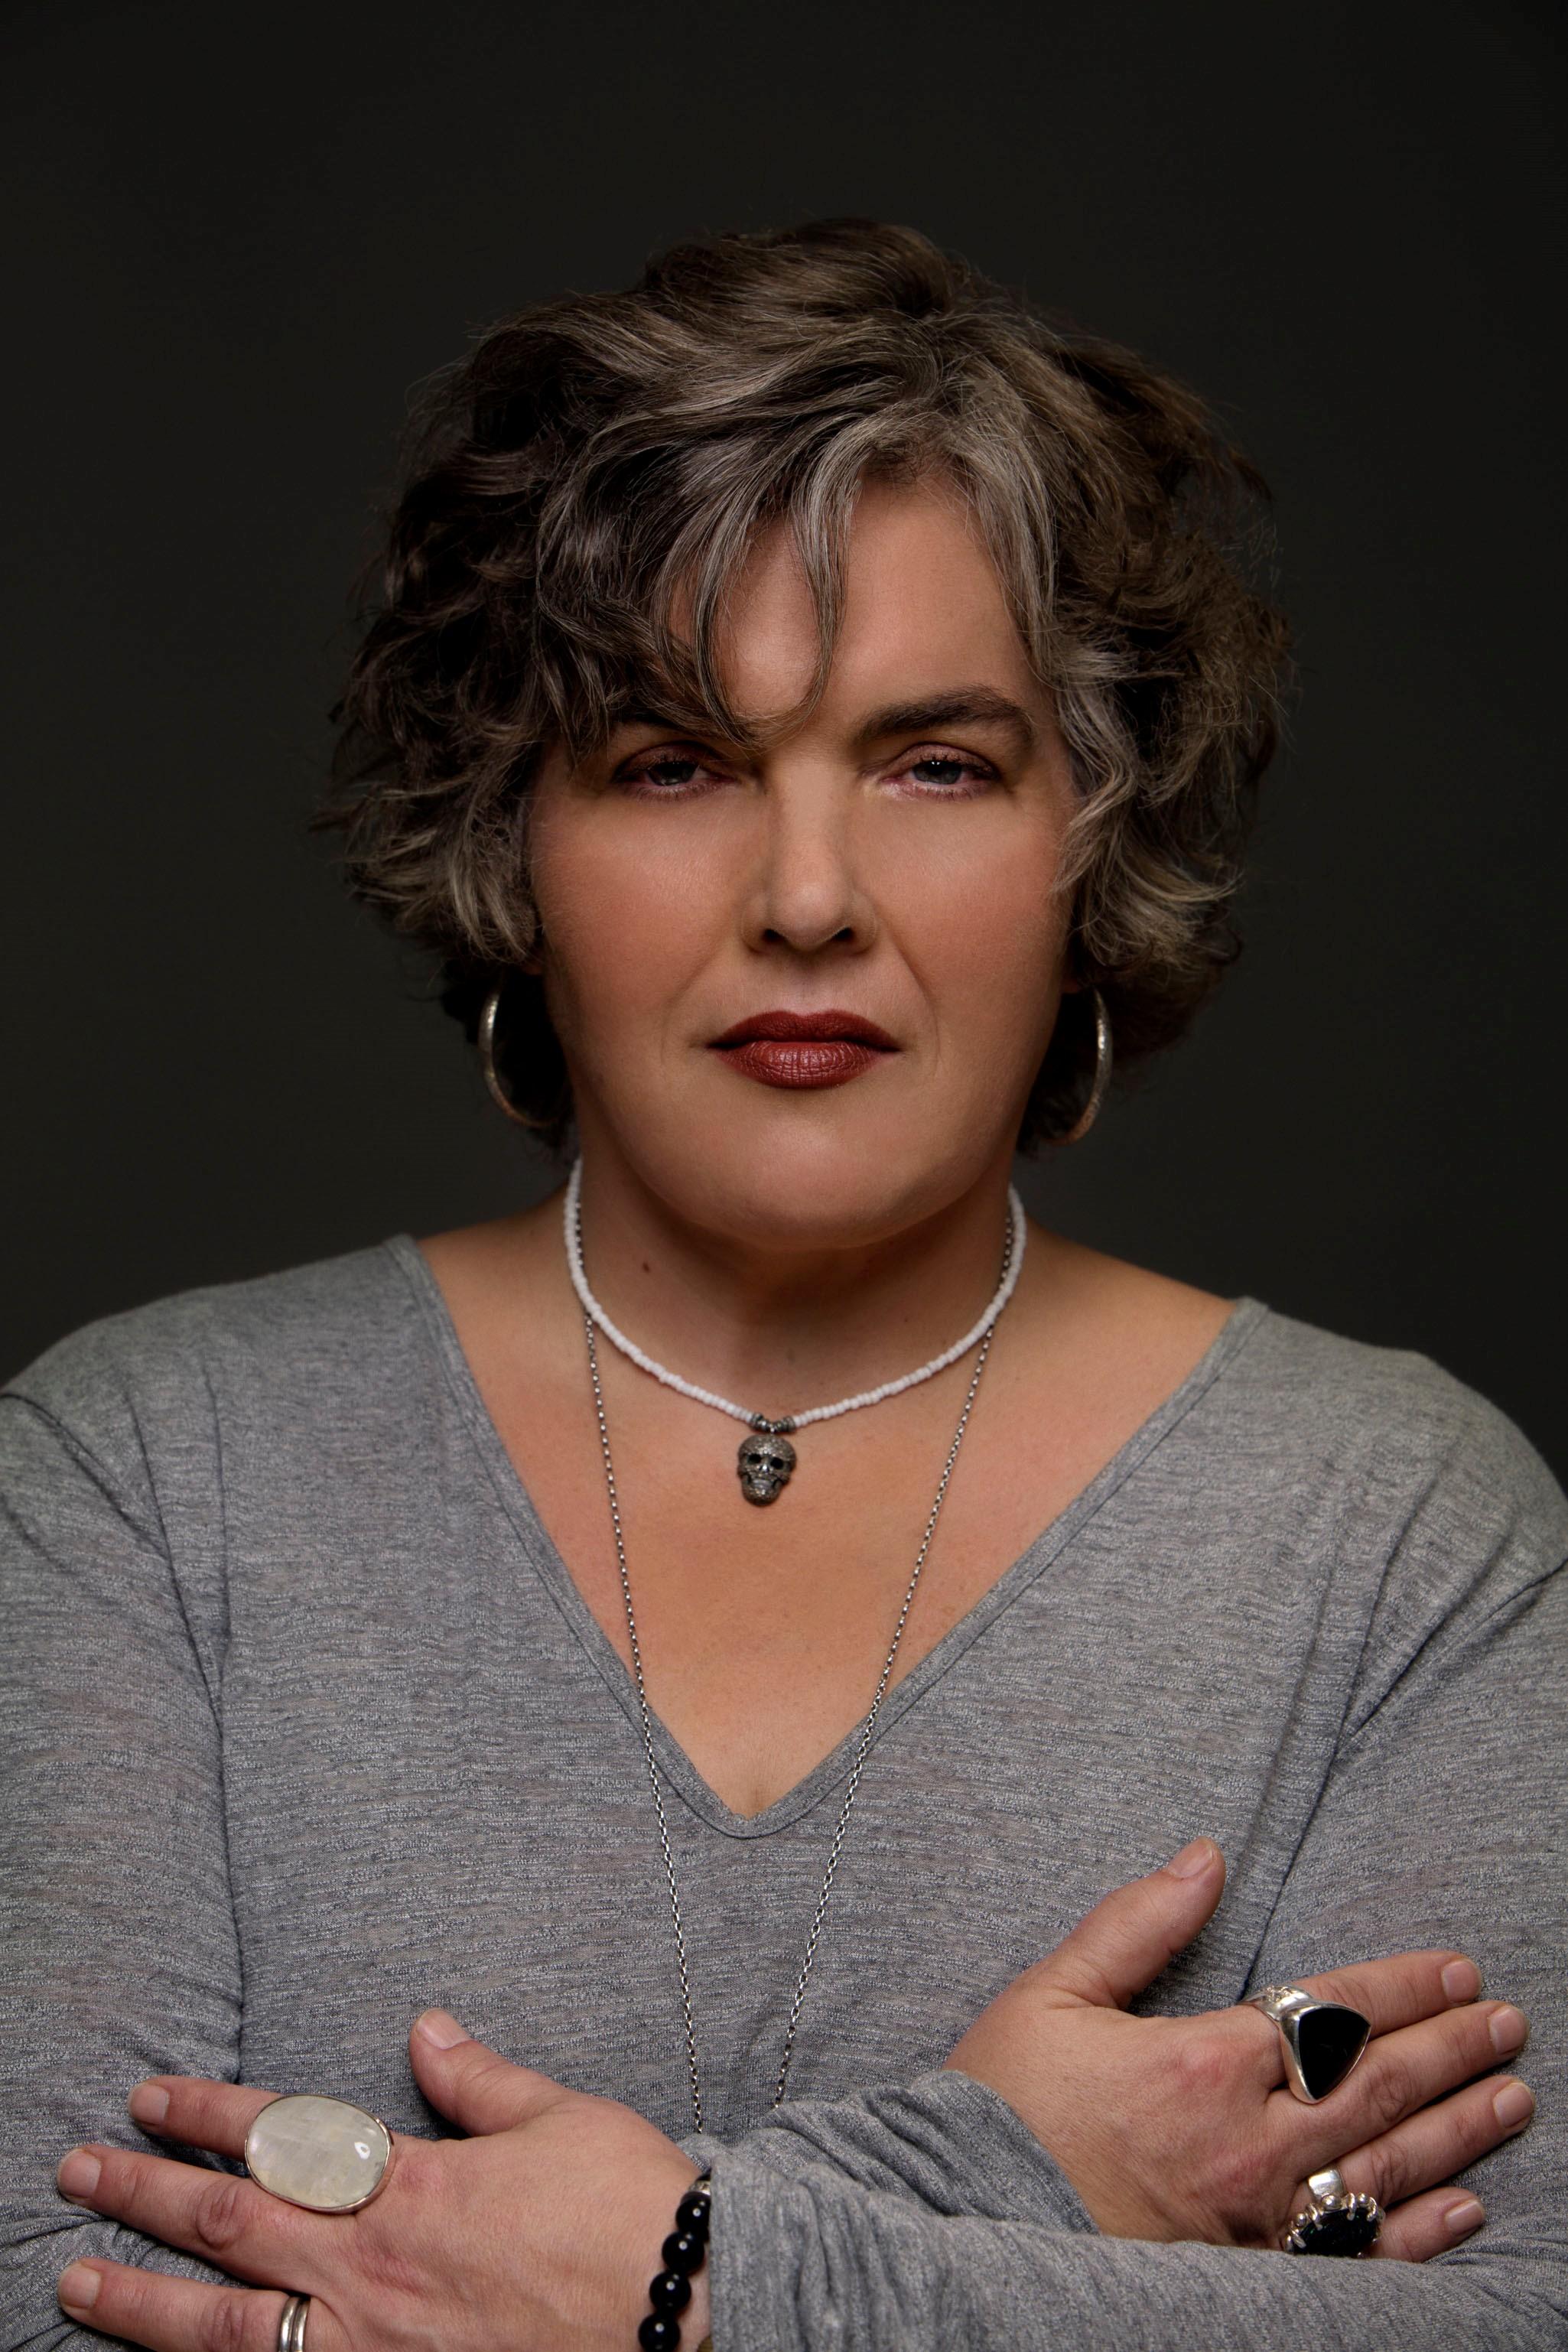 Julie Rieger